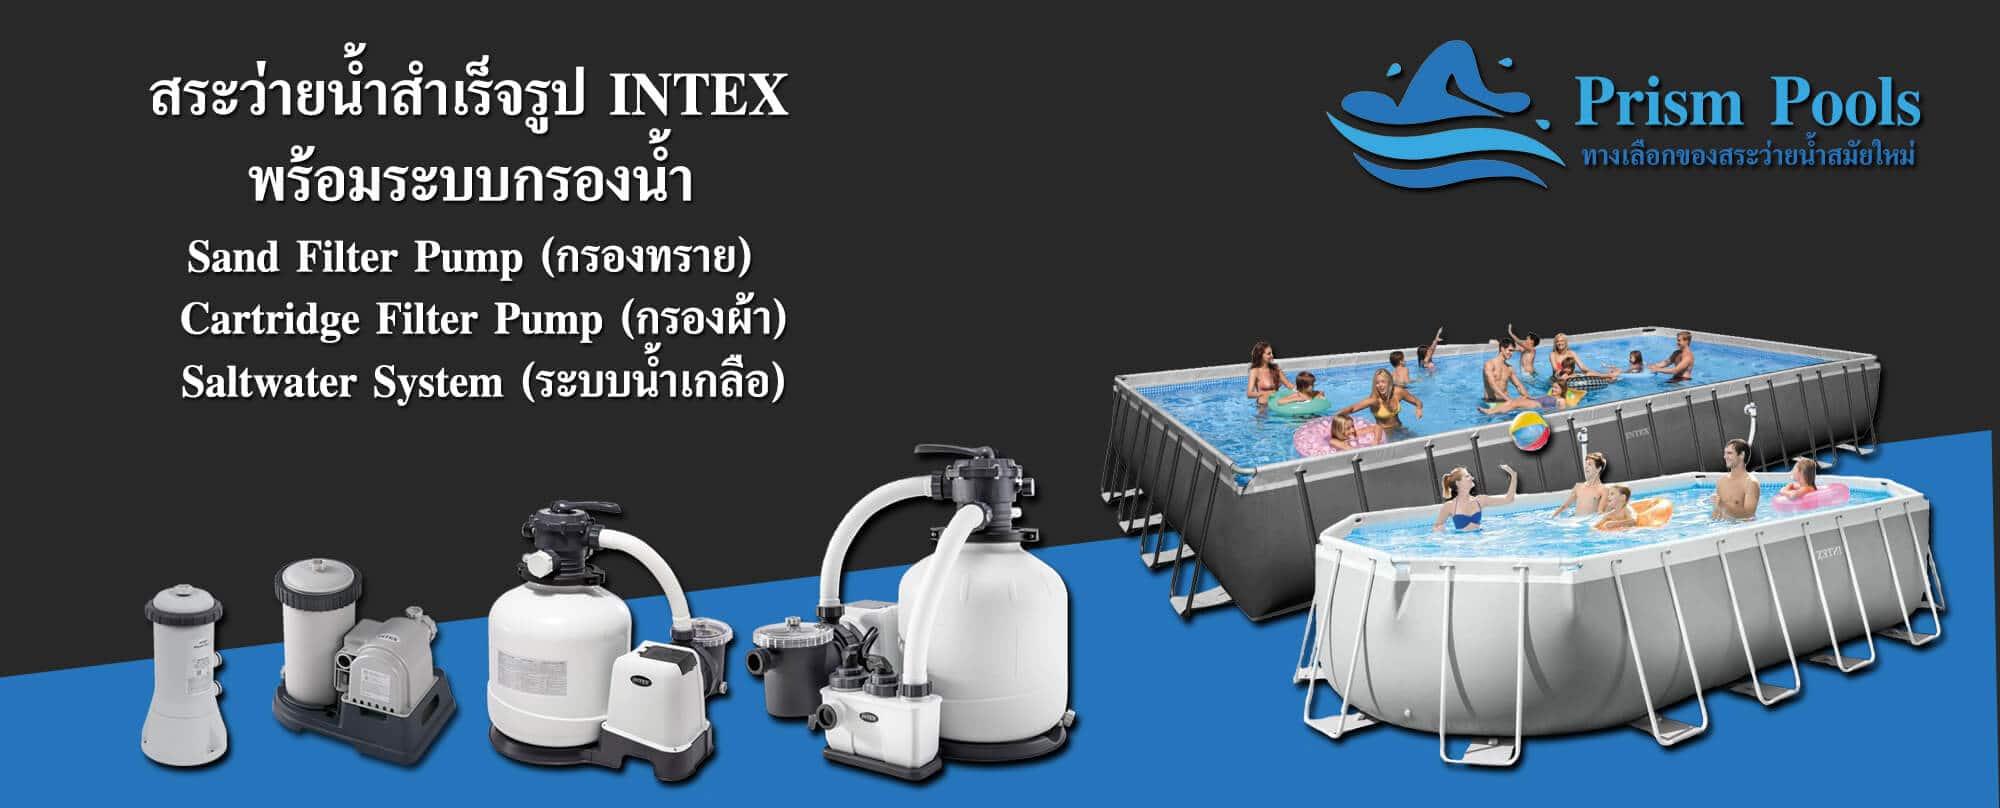 สระว่ายน้ำ INTEX สระว่ายน้ำสำเร็จรูป Prism Pools